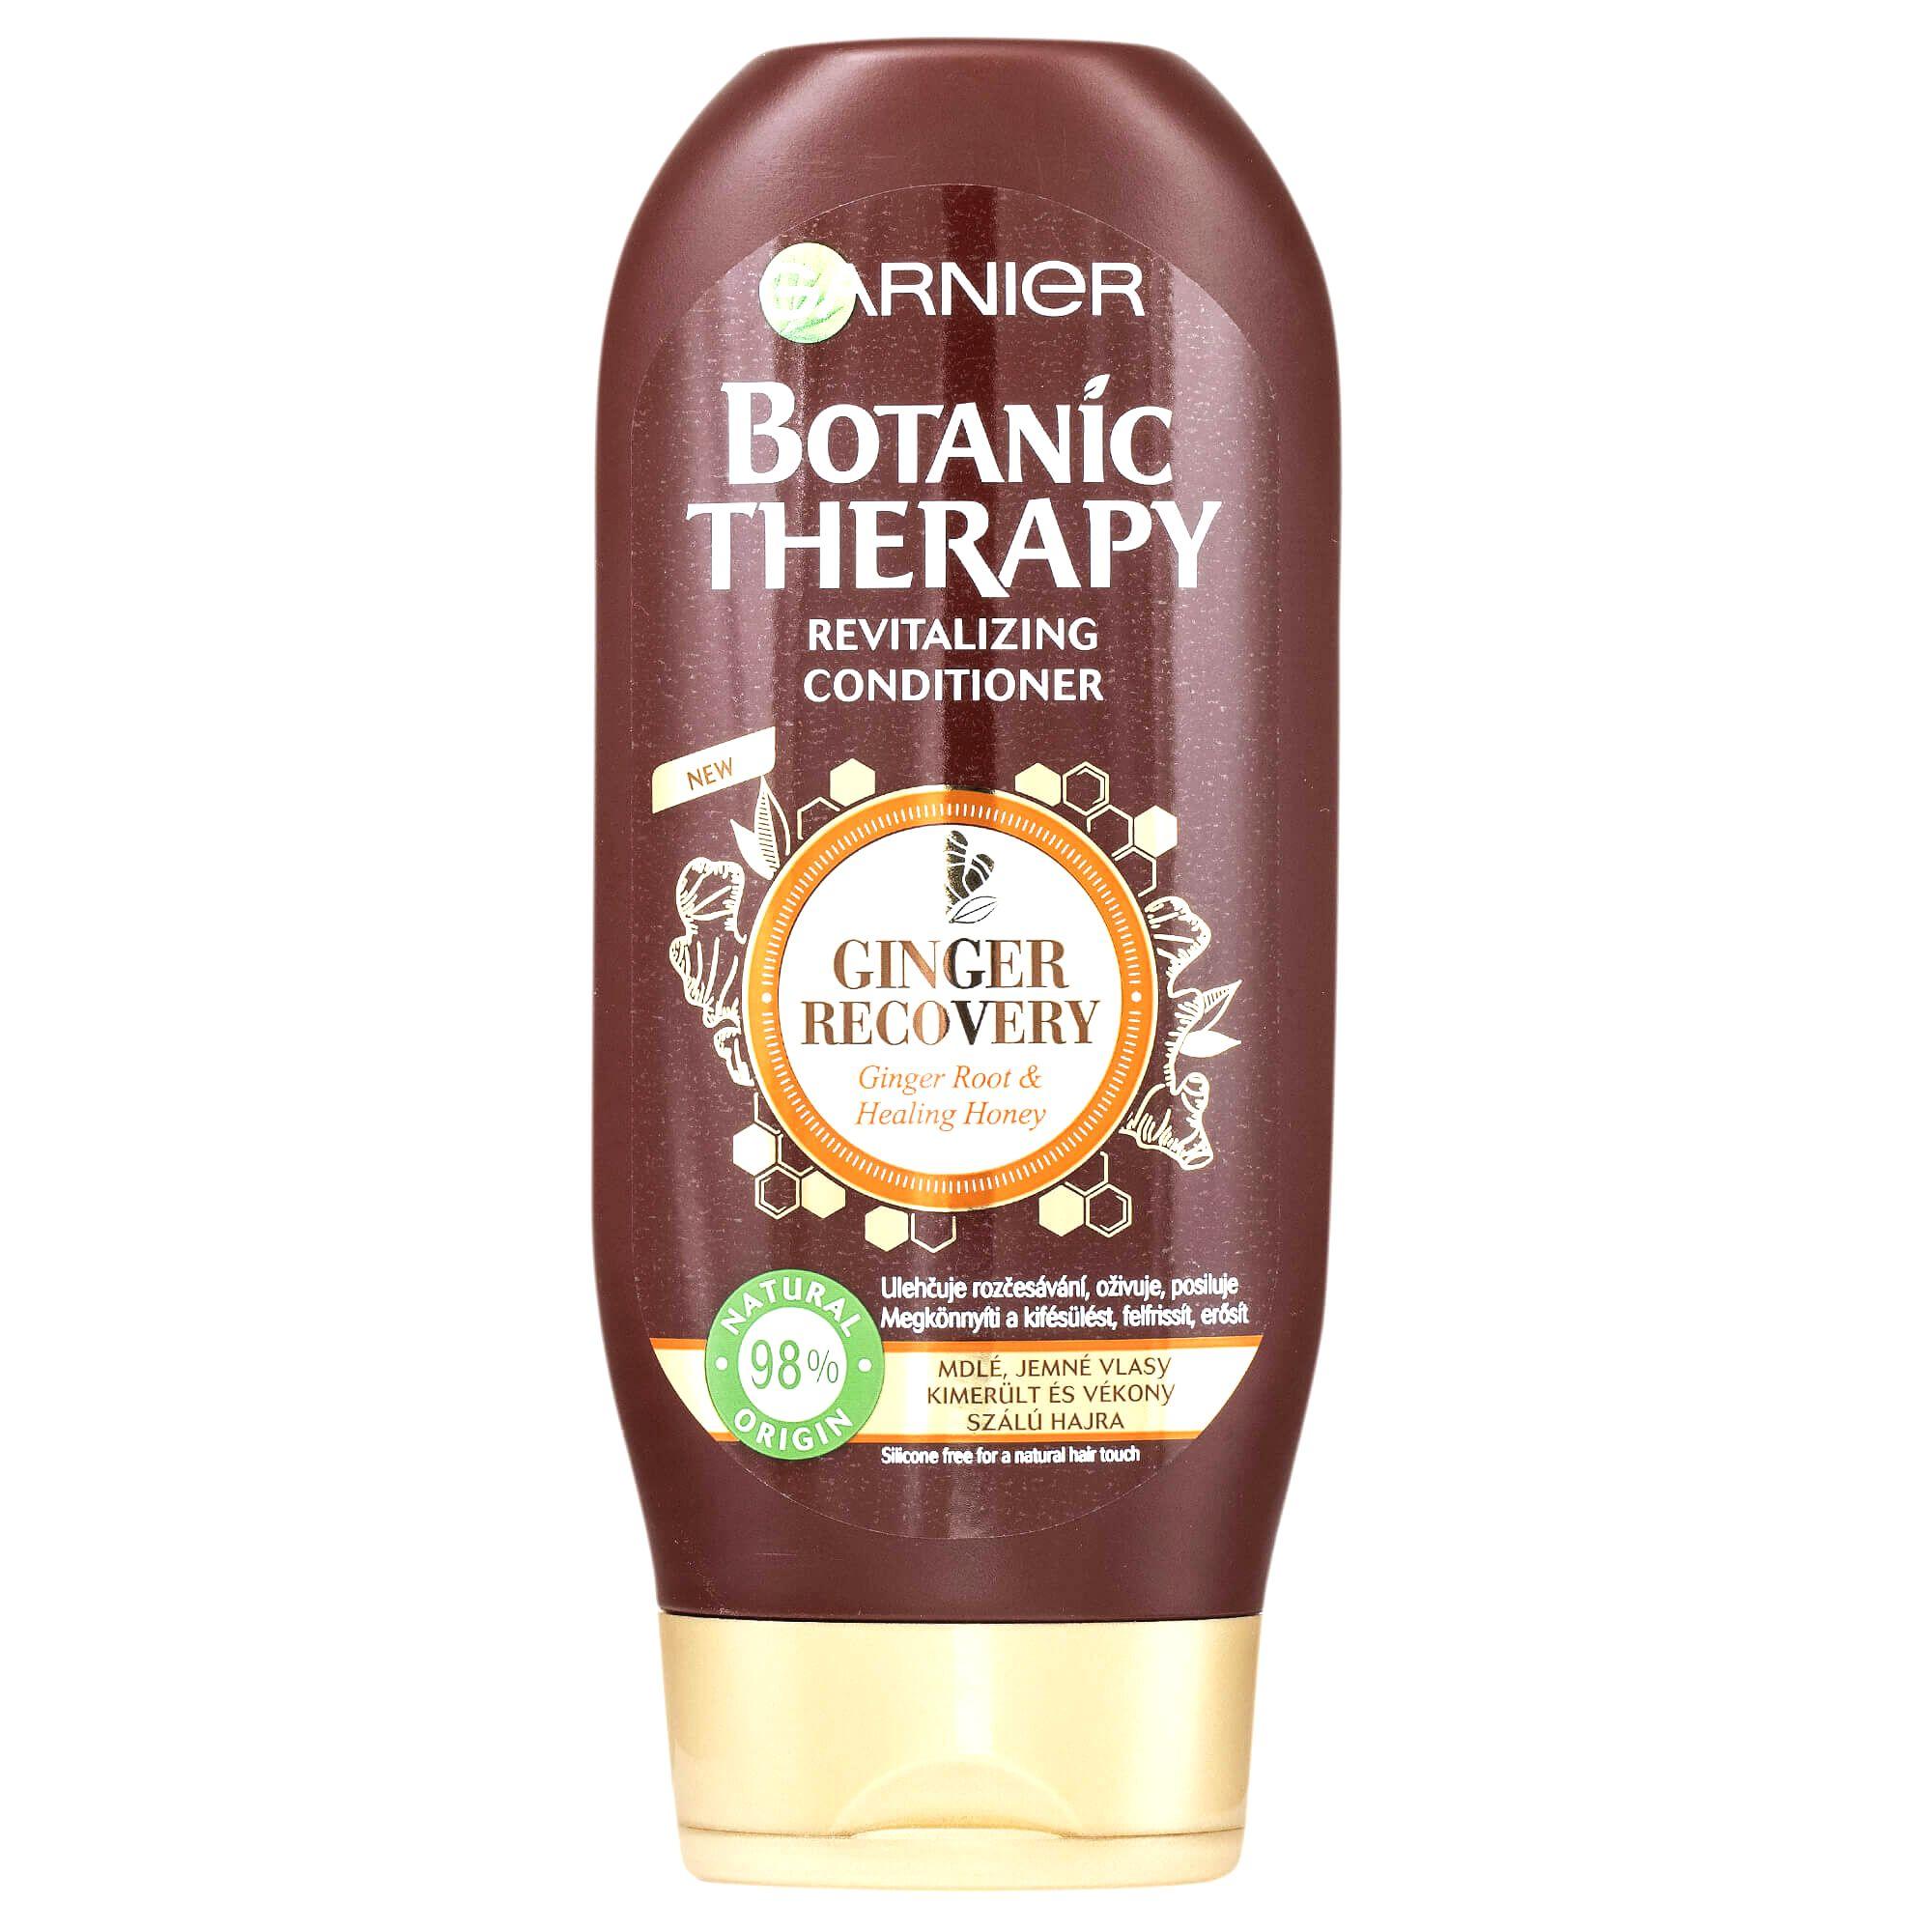 Garnier Revitalizačný kondicionér so zázvorom a medom pre mdlé a jemné vlasy Botanic Therapy (Revitalizing Conditioner) 200 ml